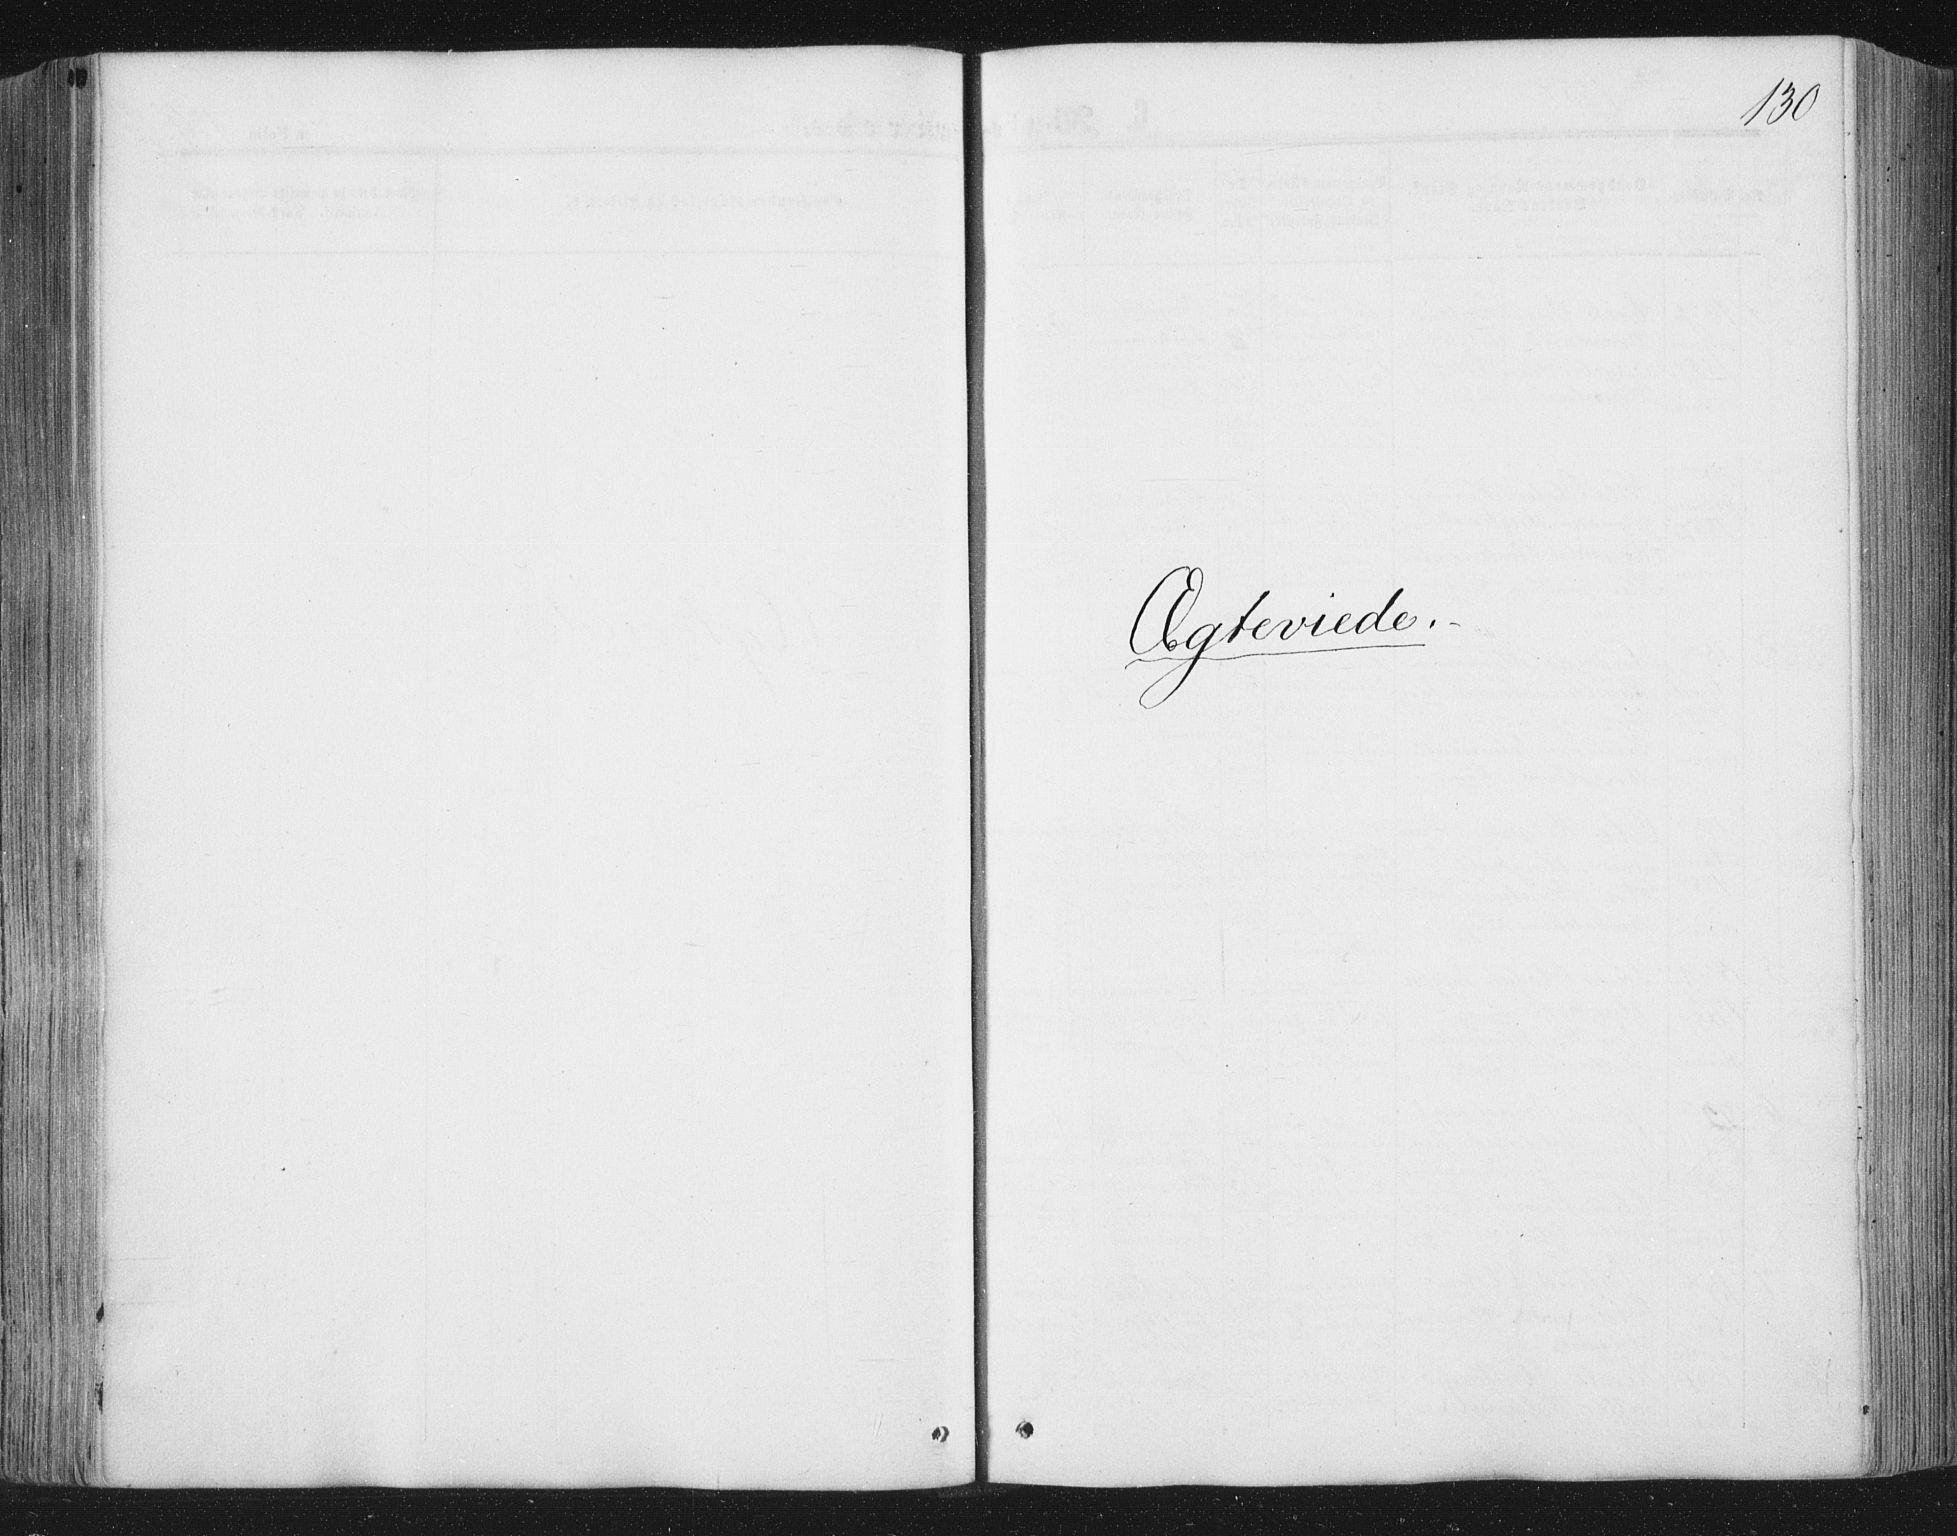 SAT, Ministerialprotokoller, klokkerbøker og fødselsregistre - Nord-Trøndelag, 749/L0472: Ministerialbok nr. 749A06, 1857-1873, s. 130